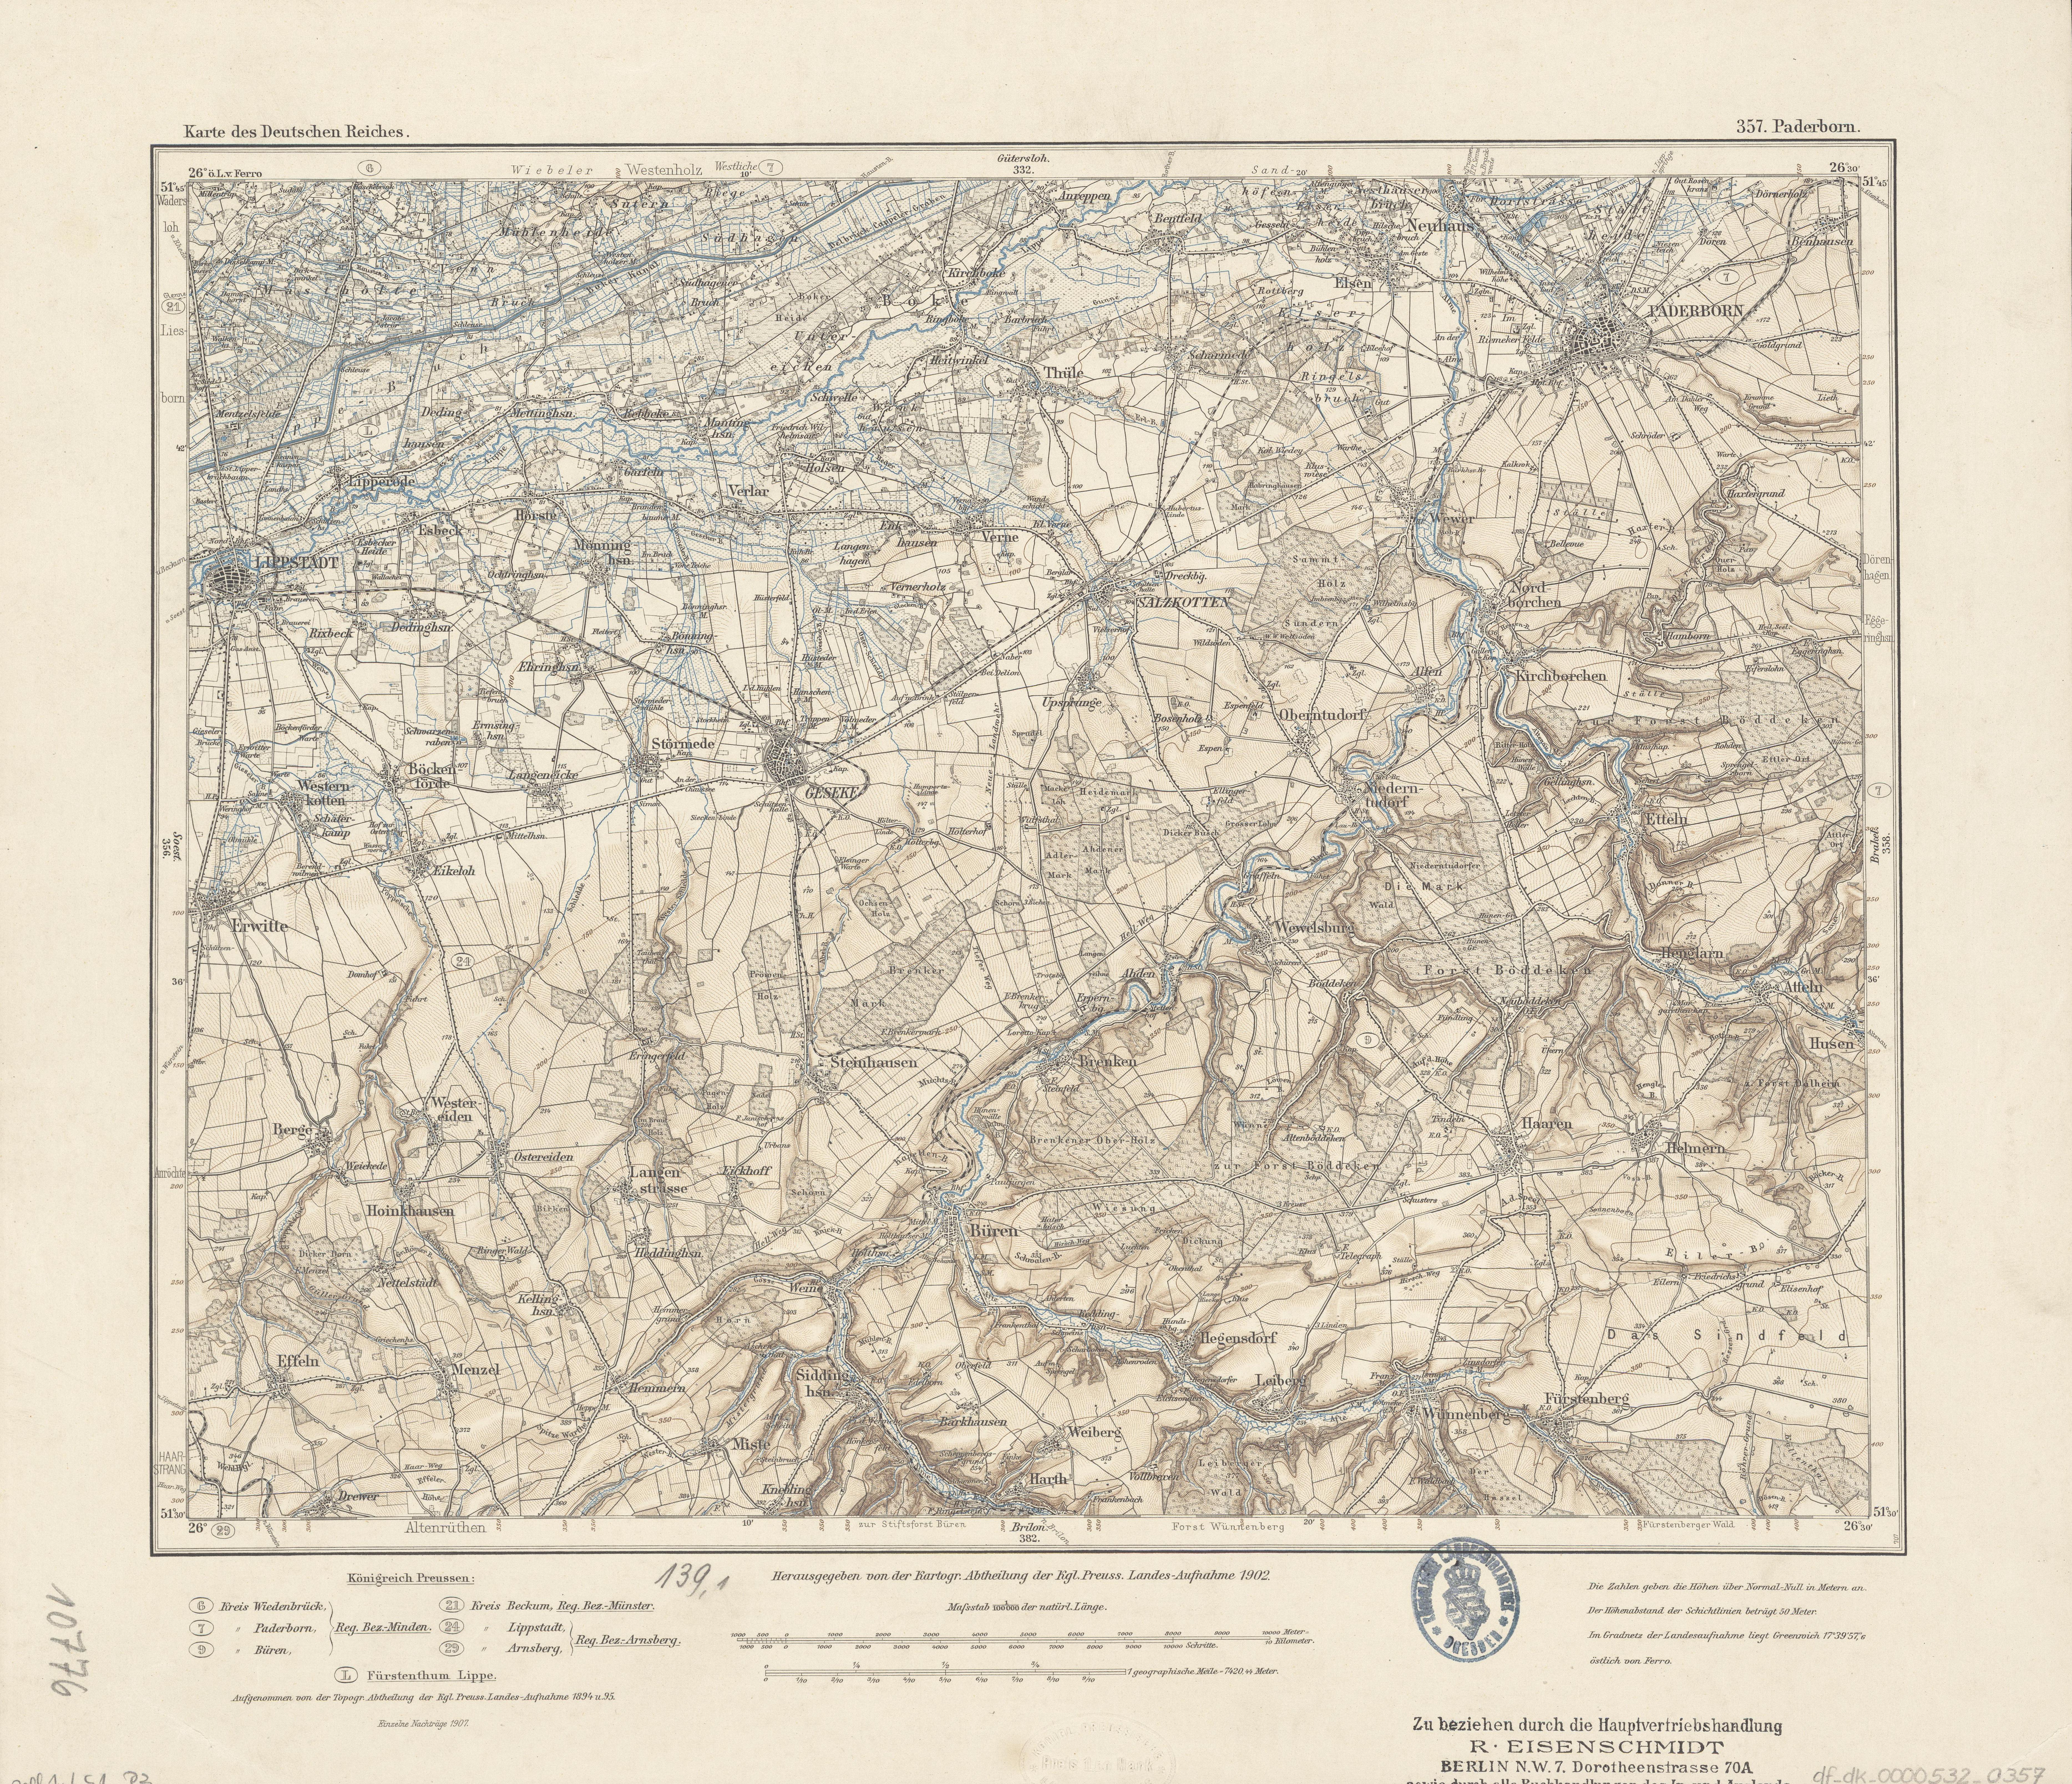 Karte Paderborn.Datei Karte Des Deutschen Reiches 357 Paderborn 1902 Jpg